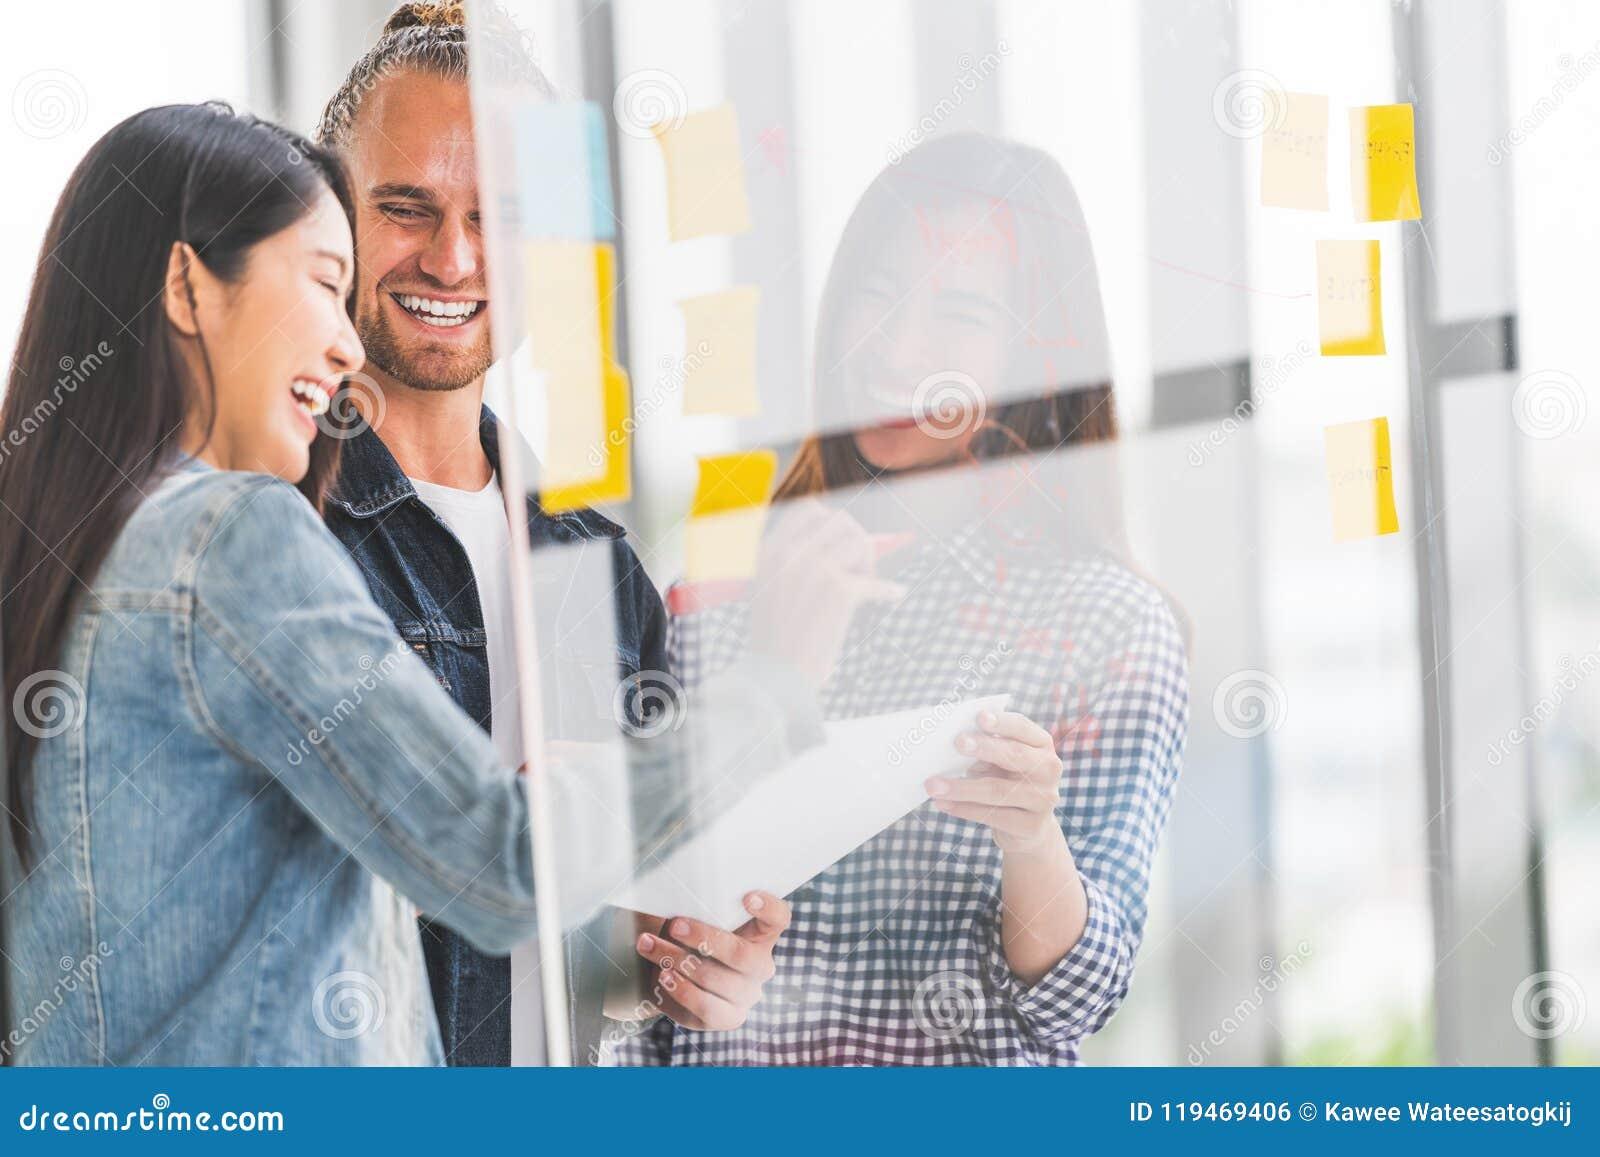 Wieloetniczny różnorodny drużynowy spotkanie pisze projektowi na przejrzystym szkle bramkowym planie wpólnie, wysyła je majchery,